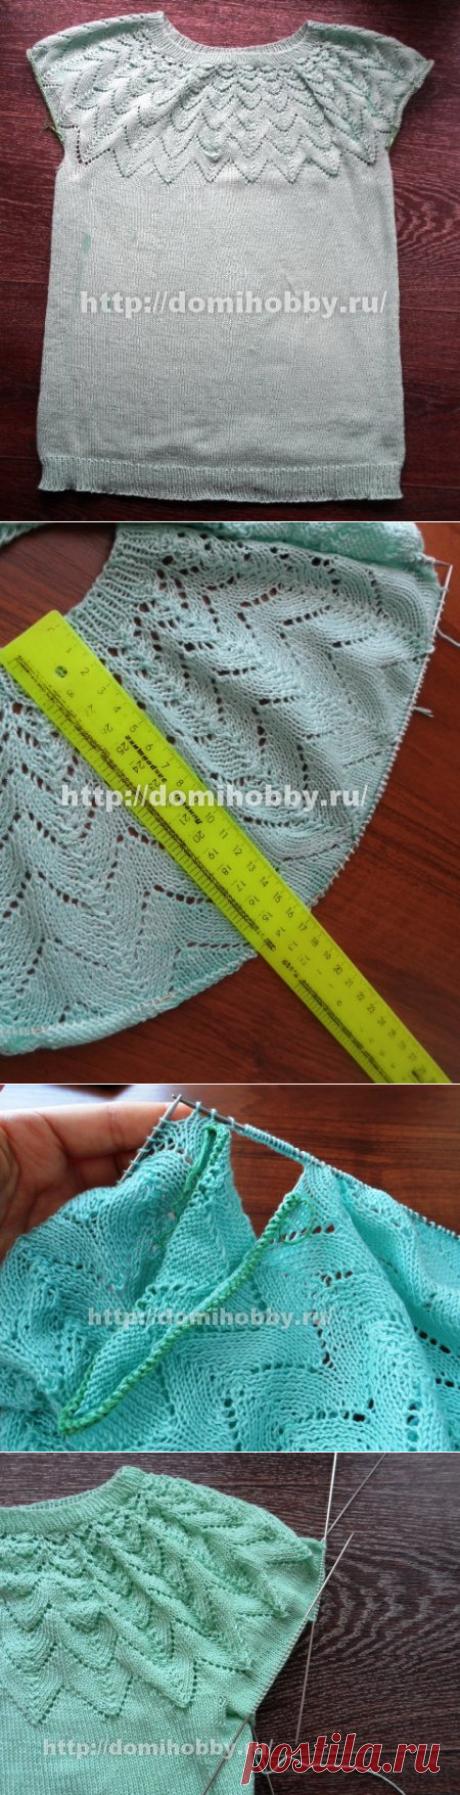 Вязание кофточки с круглой кокеткой